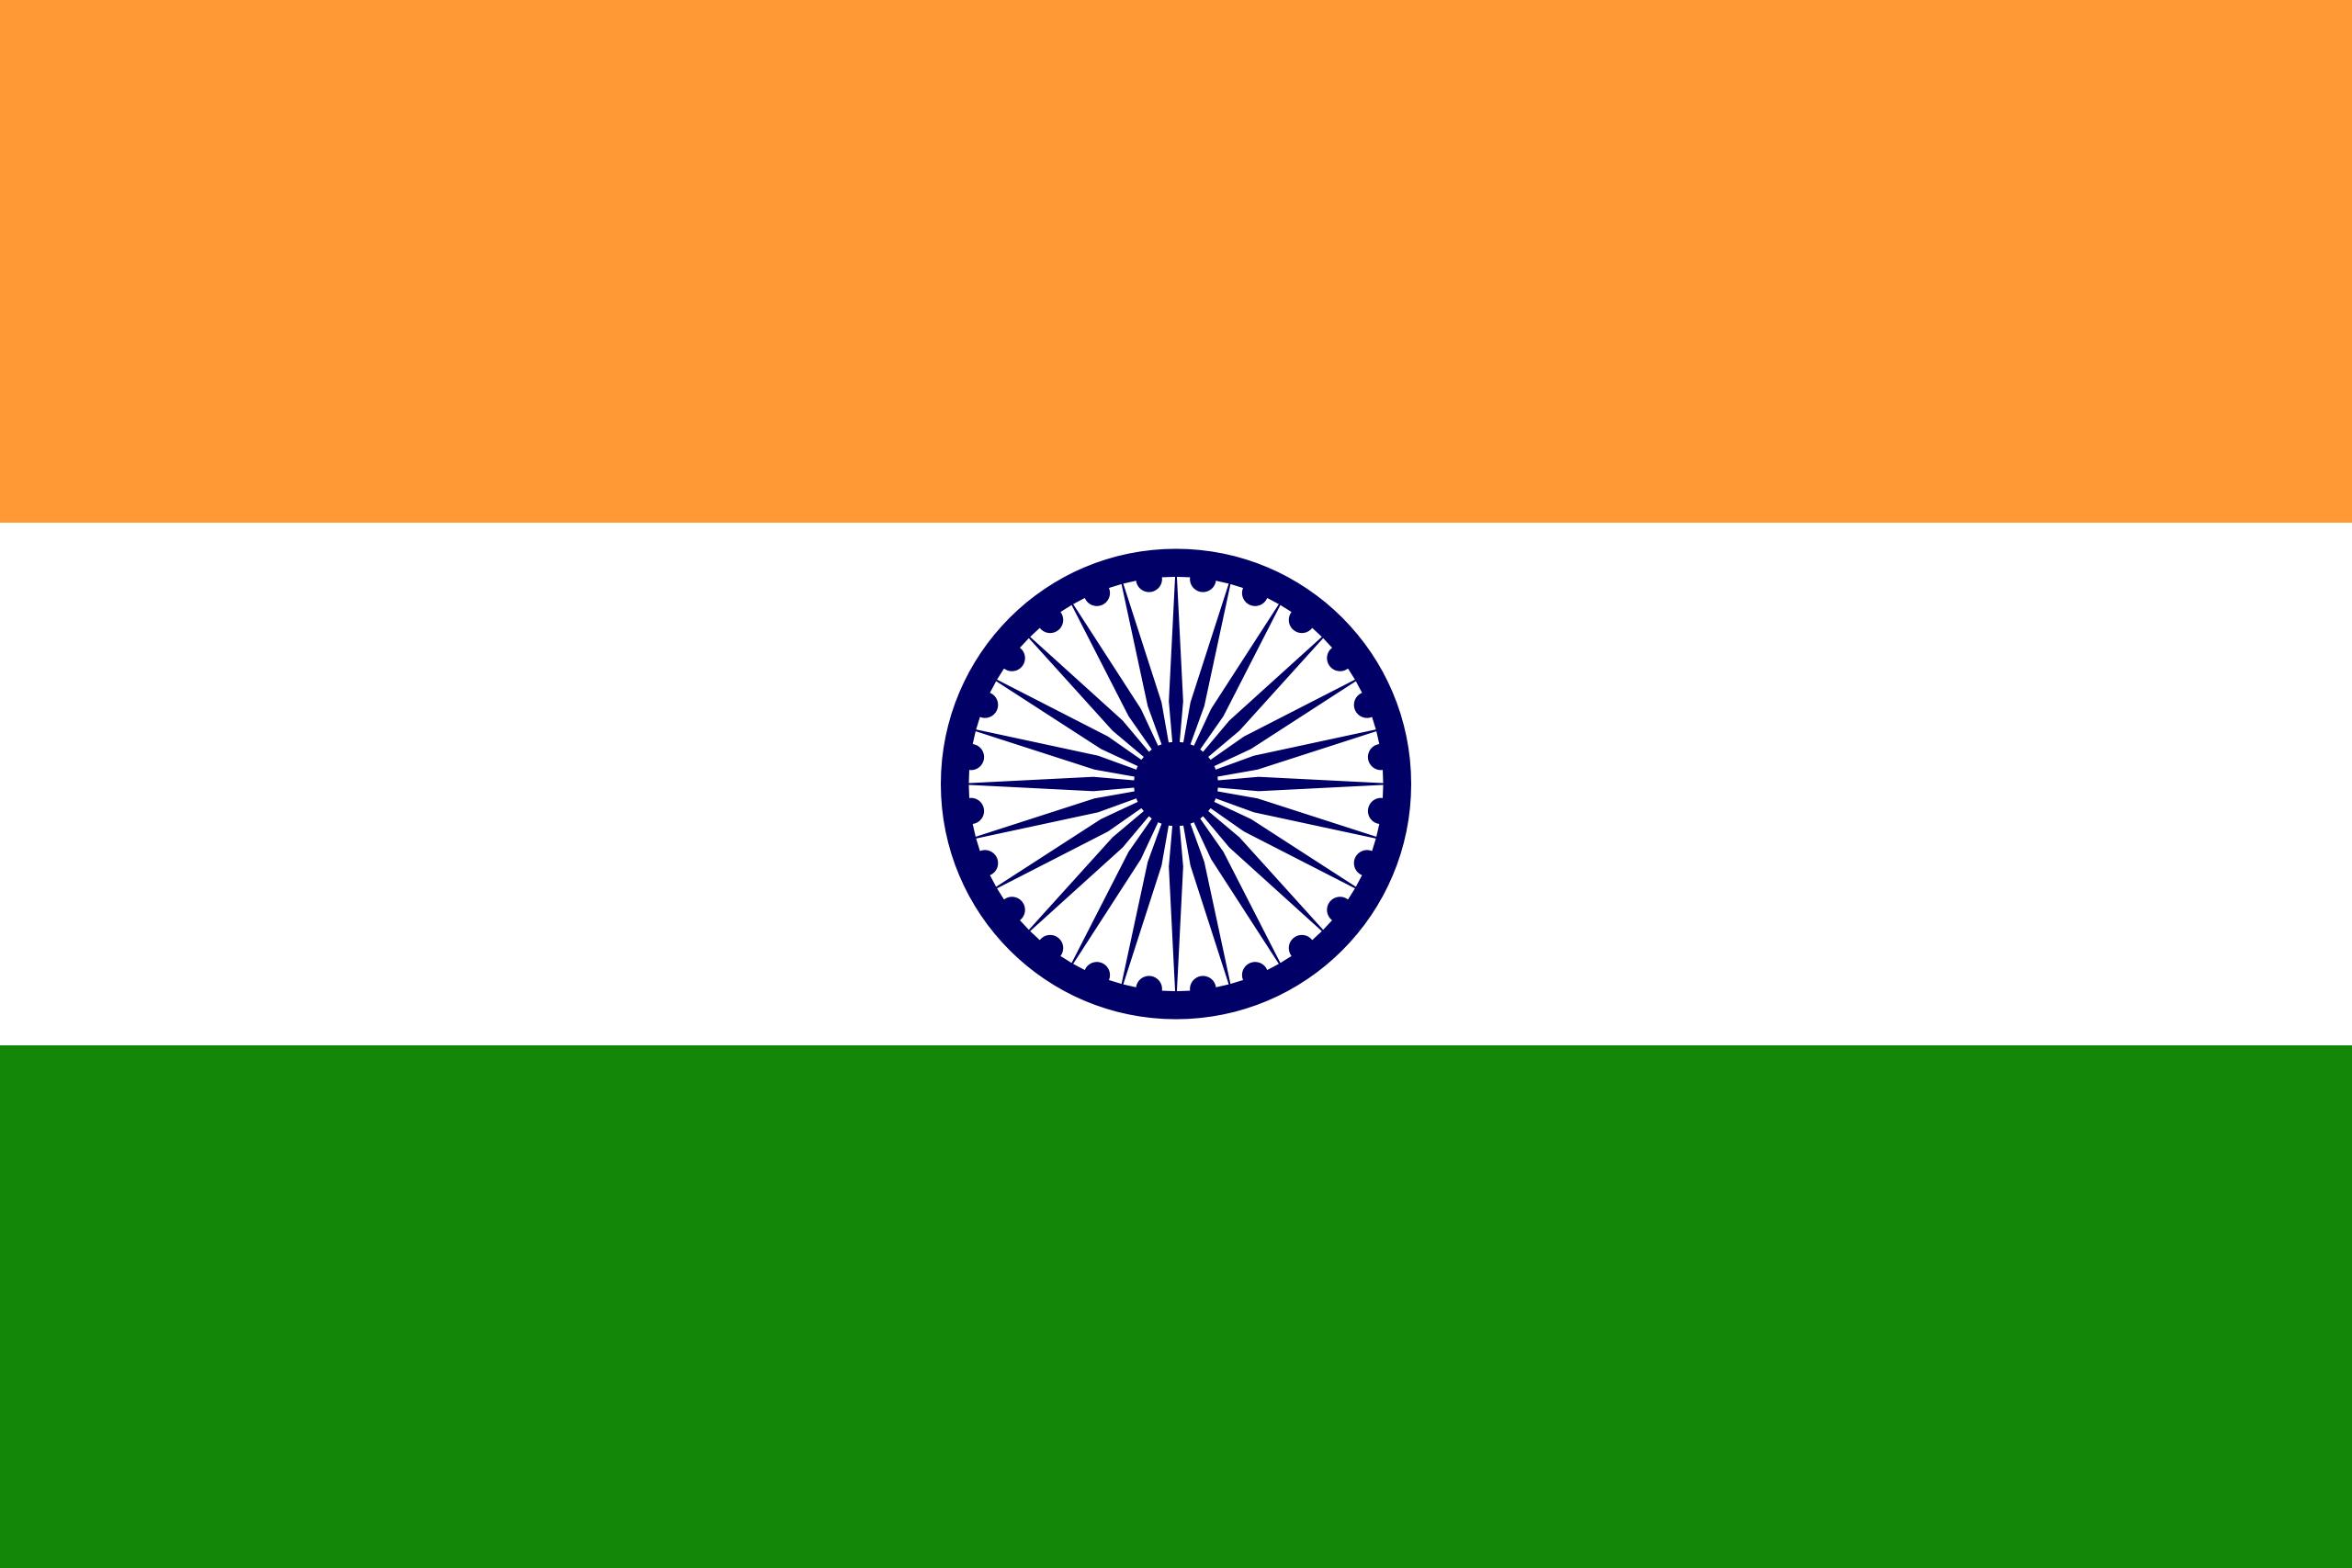 Inde, pays, emblème, logo, symbole - Fonds d'écran HD - Professor-falken.com